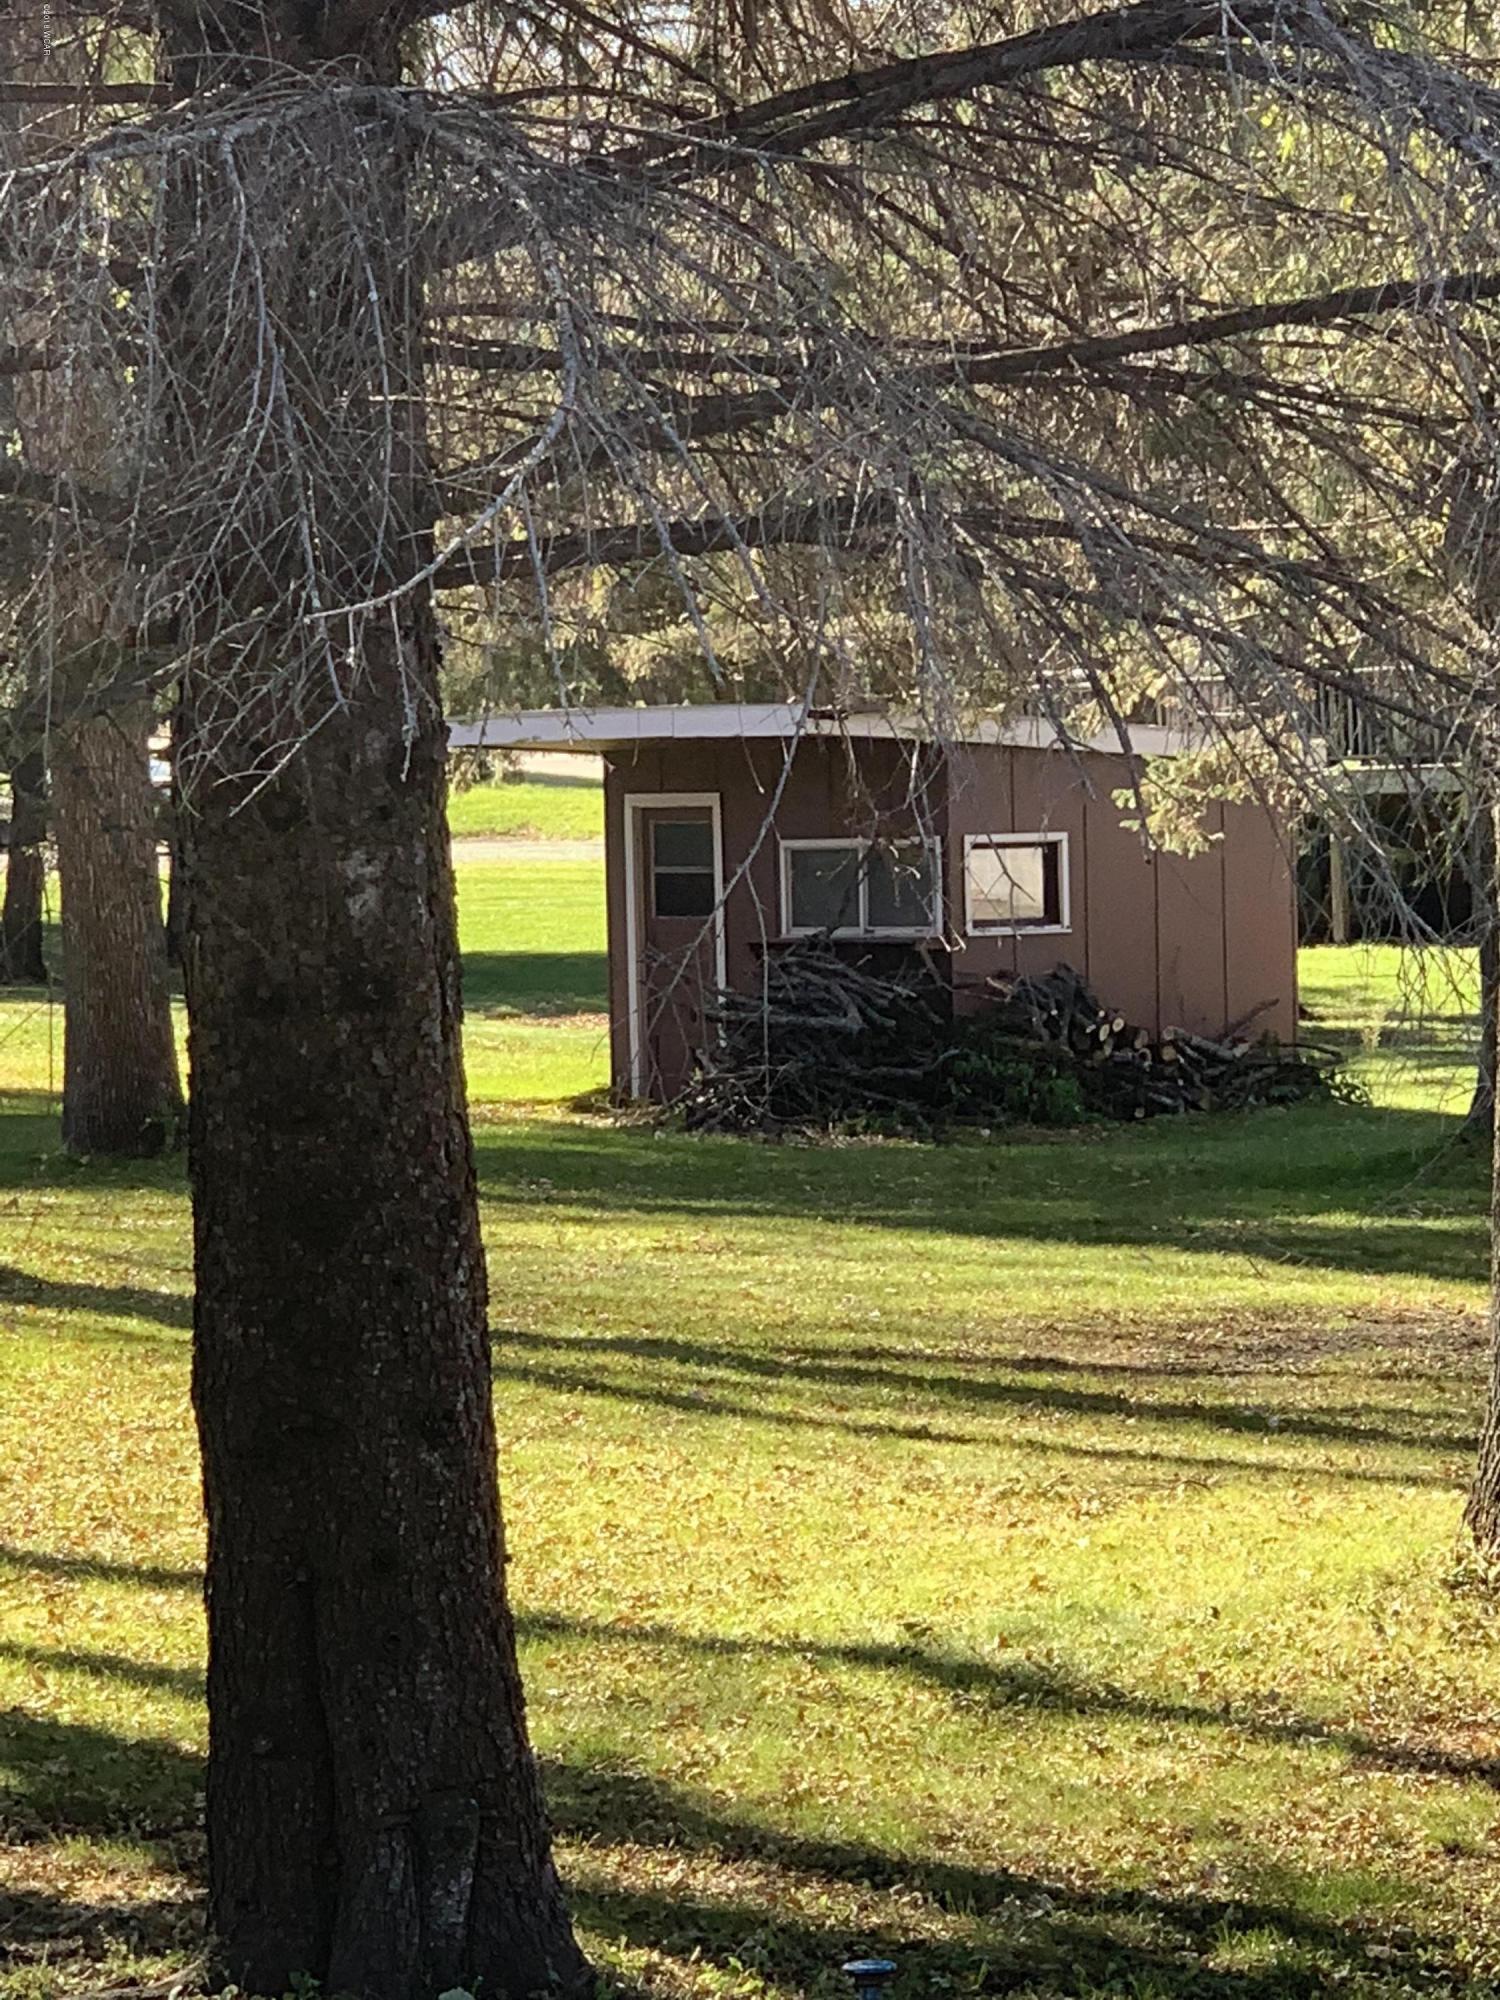 1105 Lakeland Drive,Willmar,2 Bedrooms Bedrooms,3 BathroomsBathrooms,Single Family,Lakeland Drive,6032710